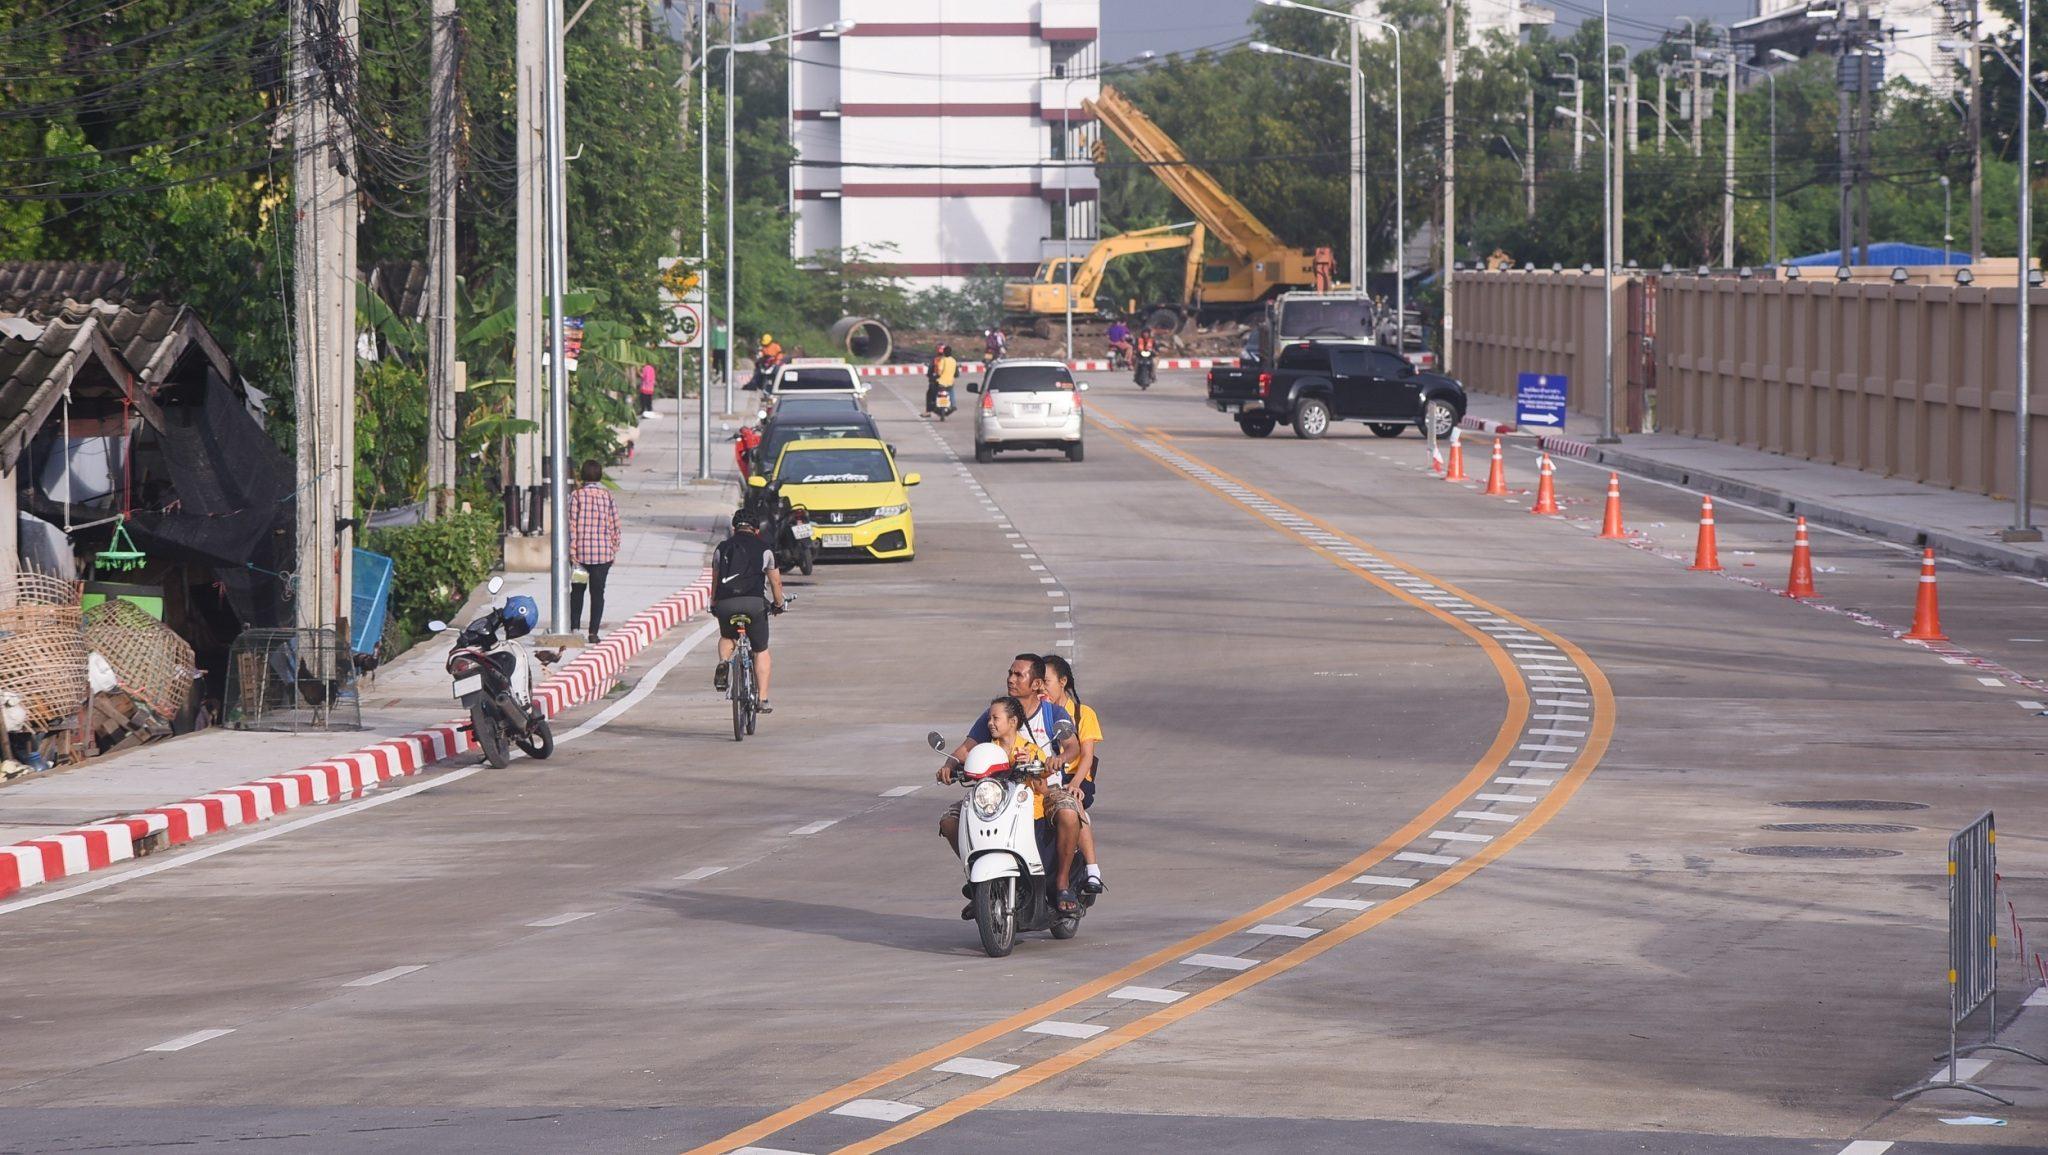 ถนนหมายเลข 8 ทางลัดเลี่ยงรถติด